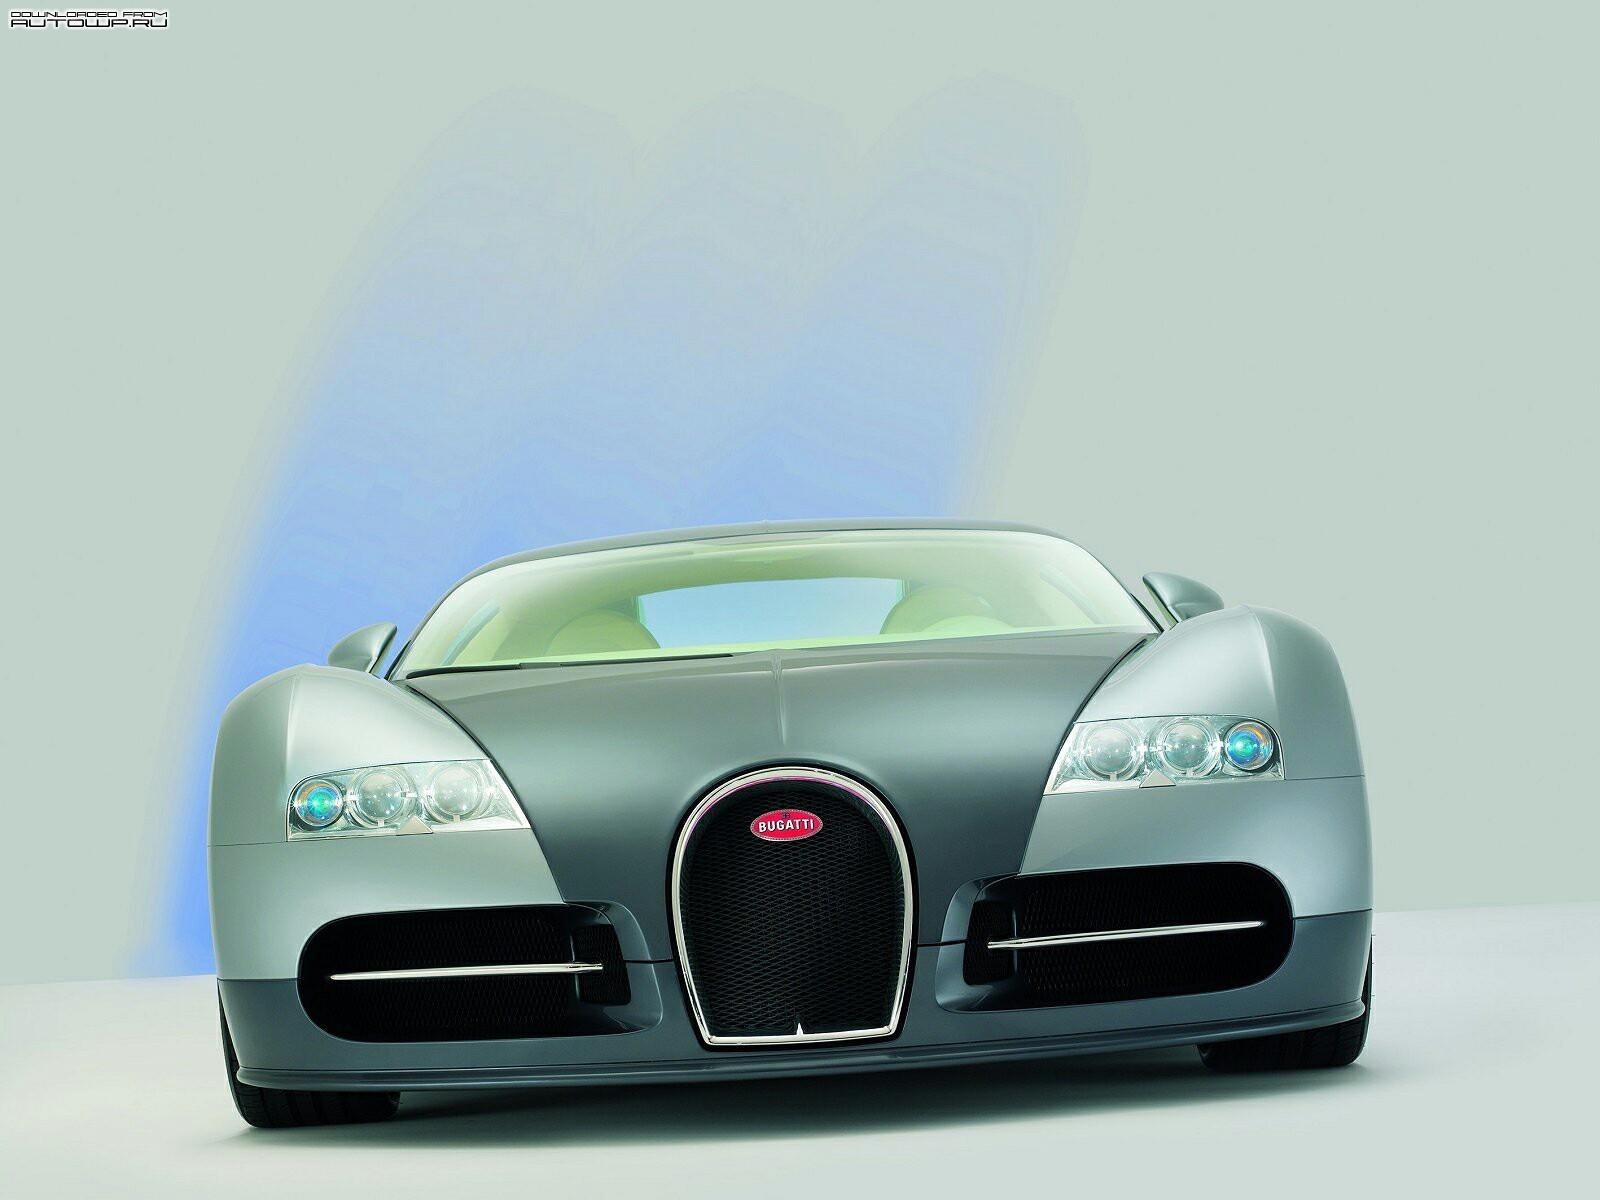 bugatti eb 16 4 veyron picture 62175 bugatti photo gallery. Black Bedroom Furniture Sets. Home Design Ideas